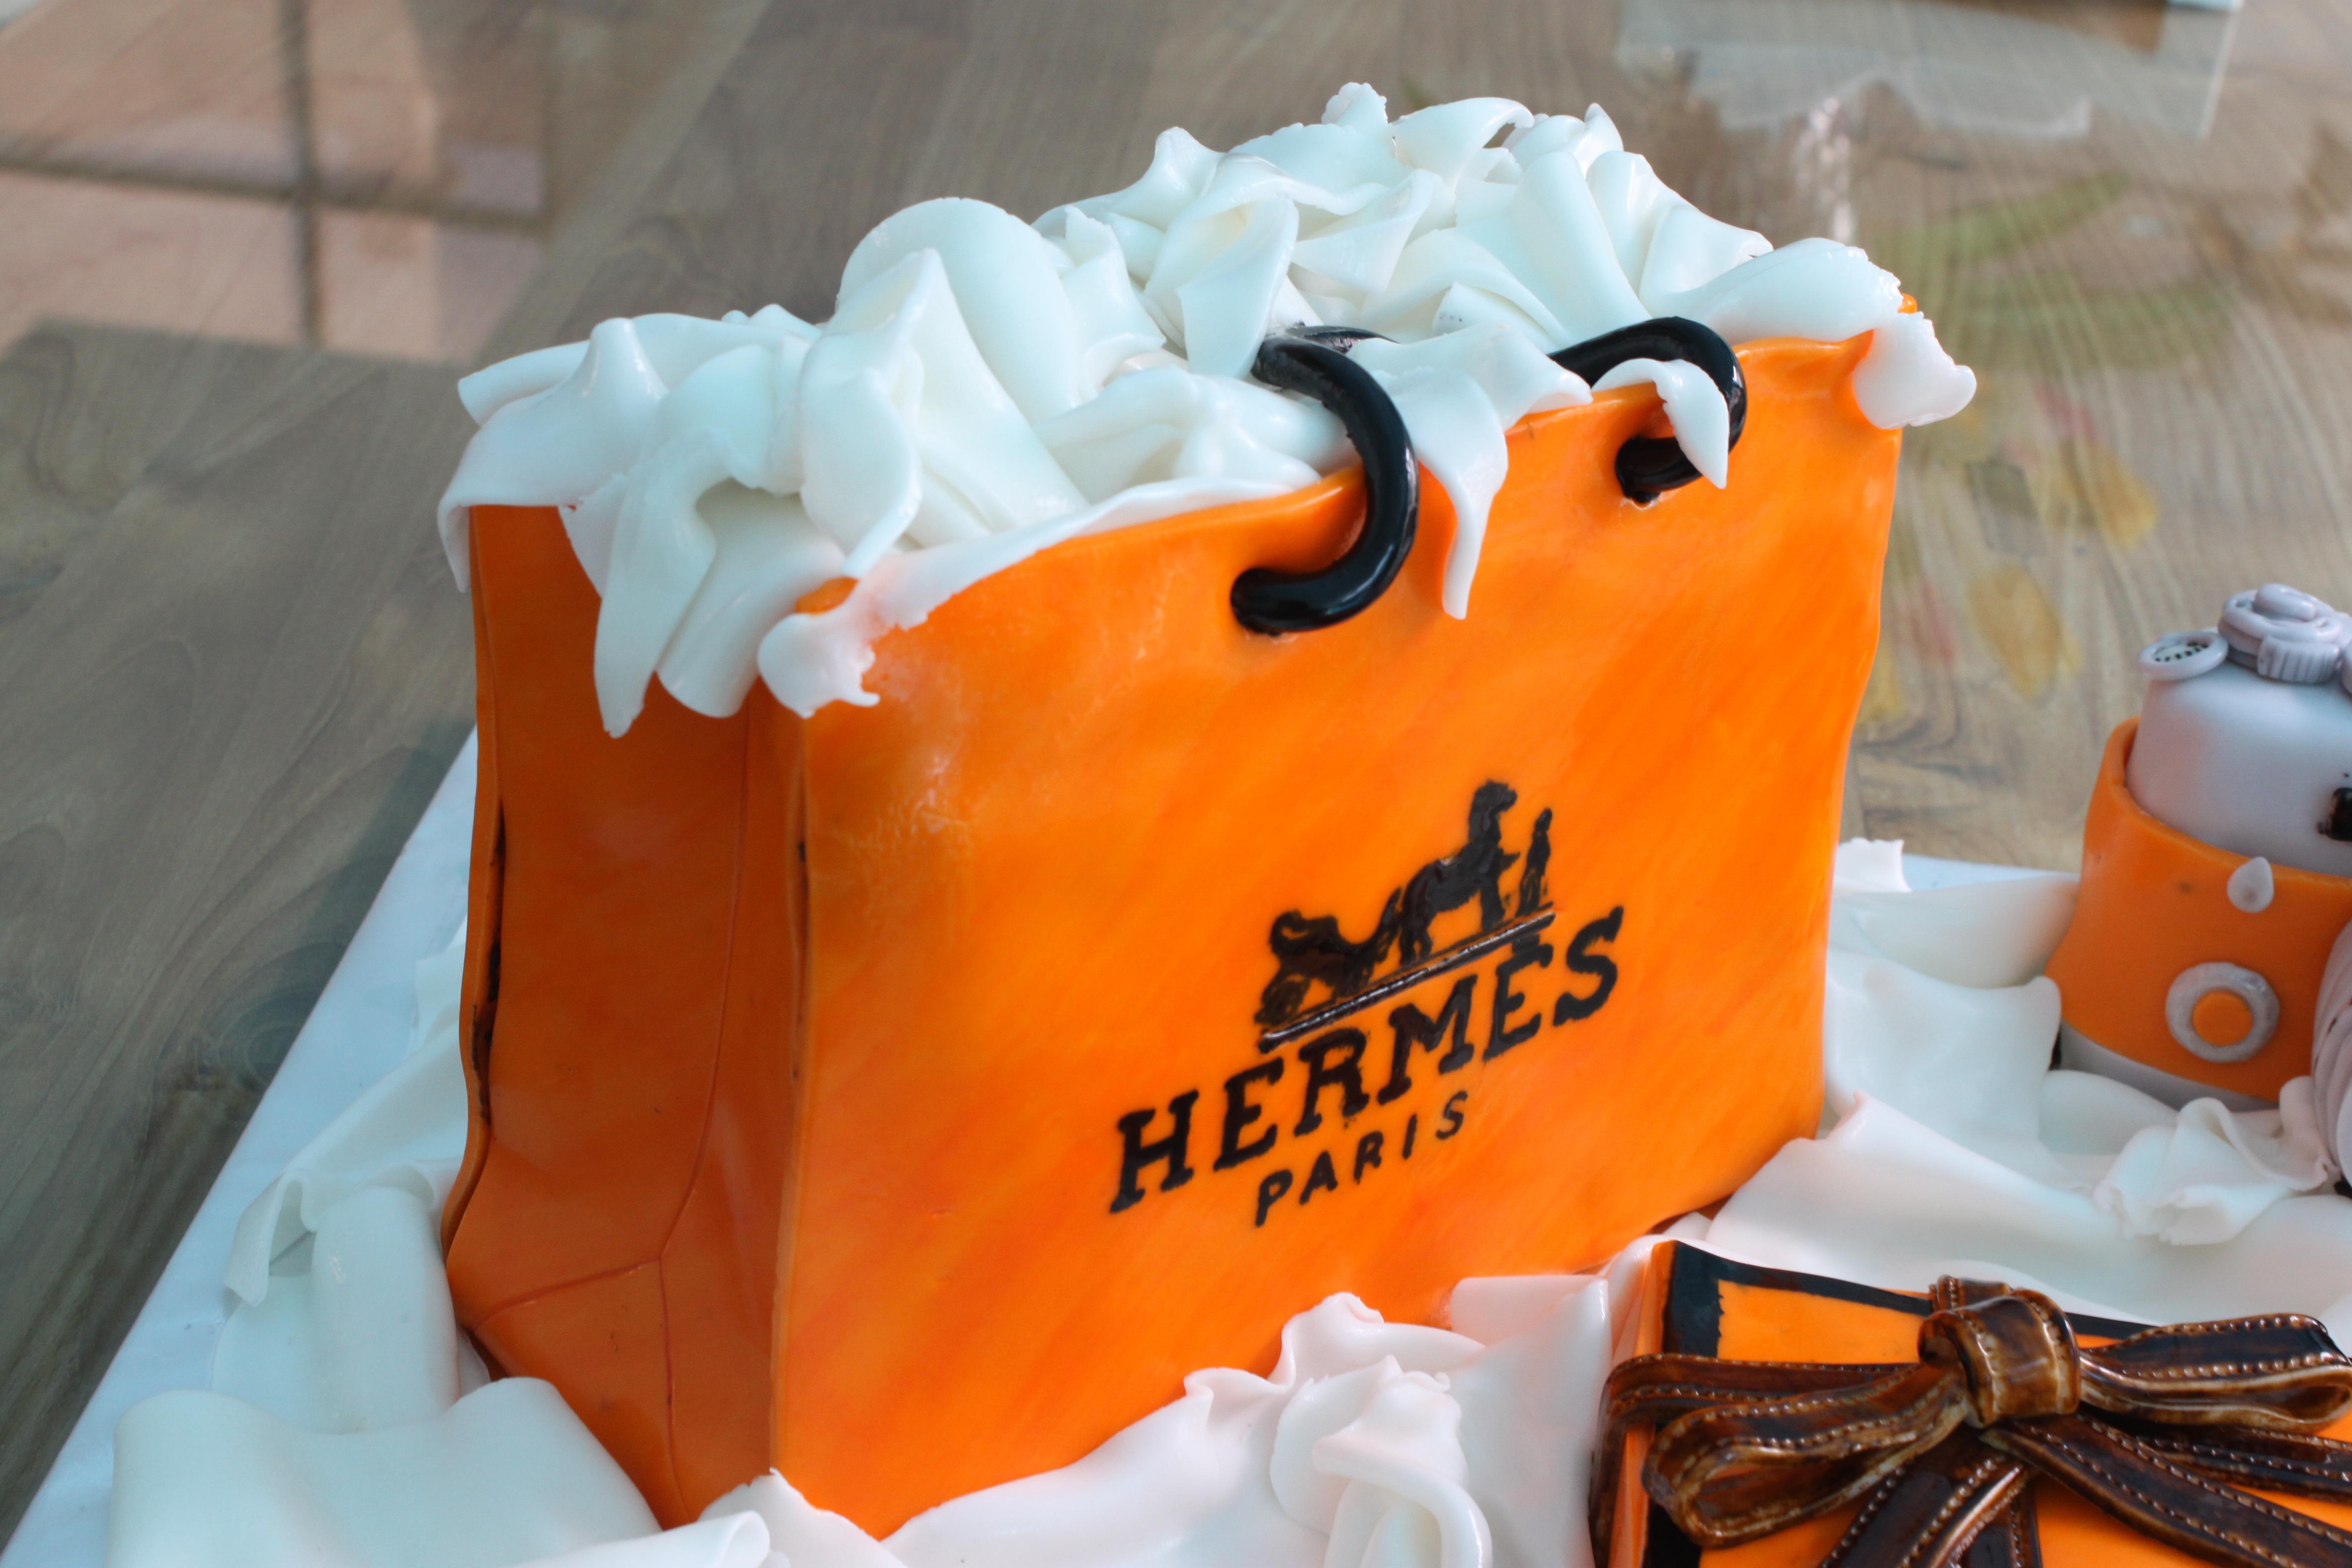 hermes bag kelly - Hermes Themed Cake �C Feat. Joanne Peh & David Gan |